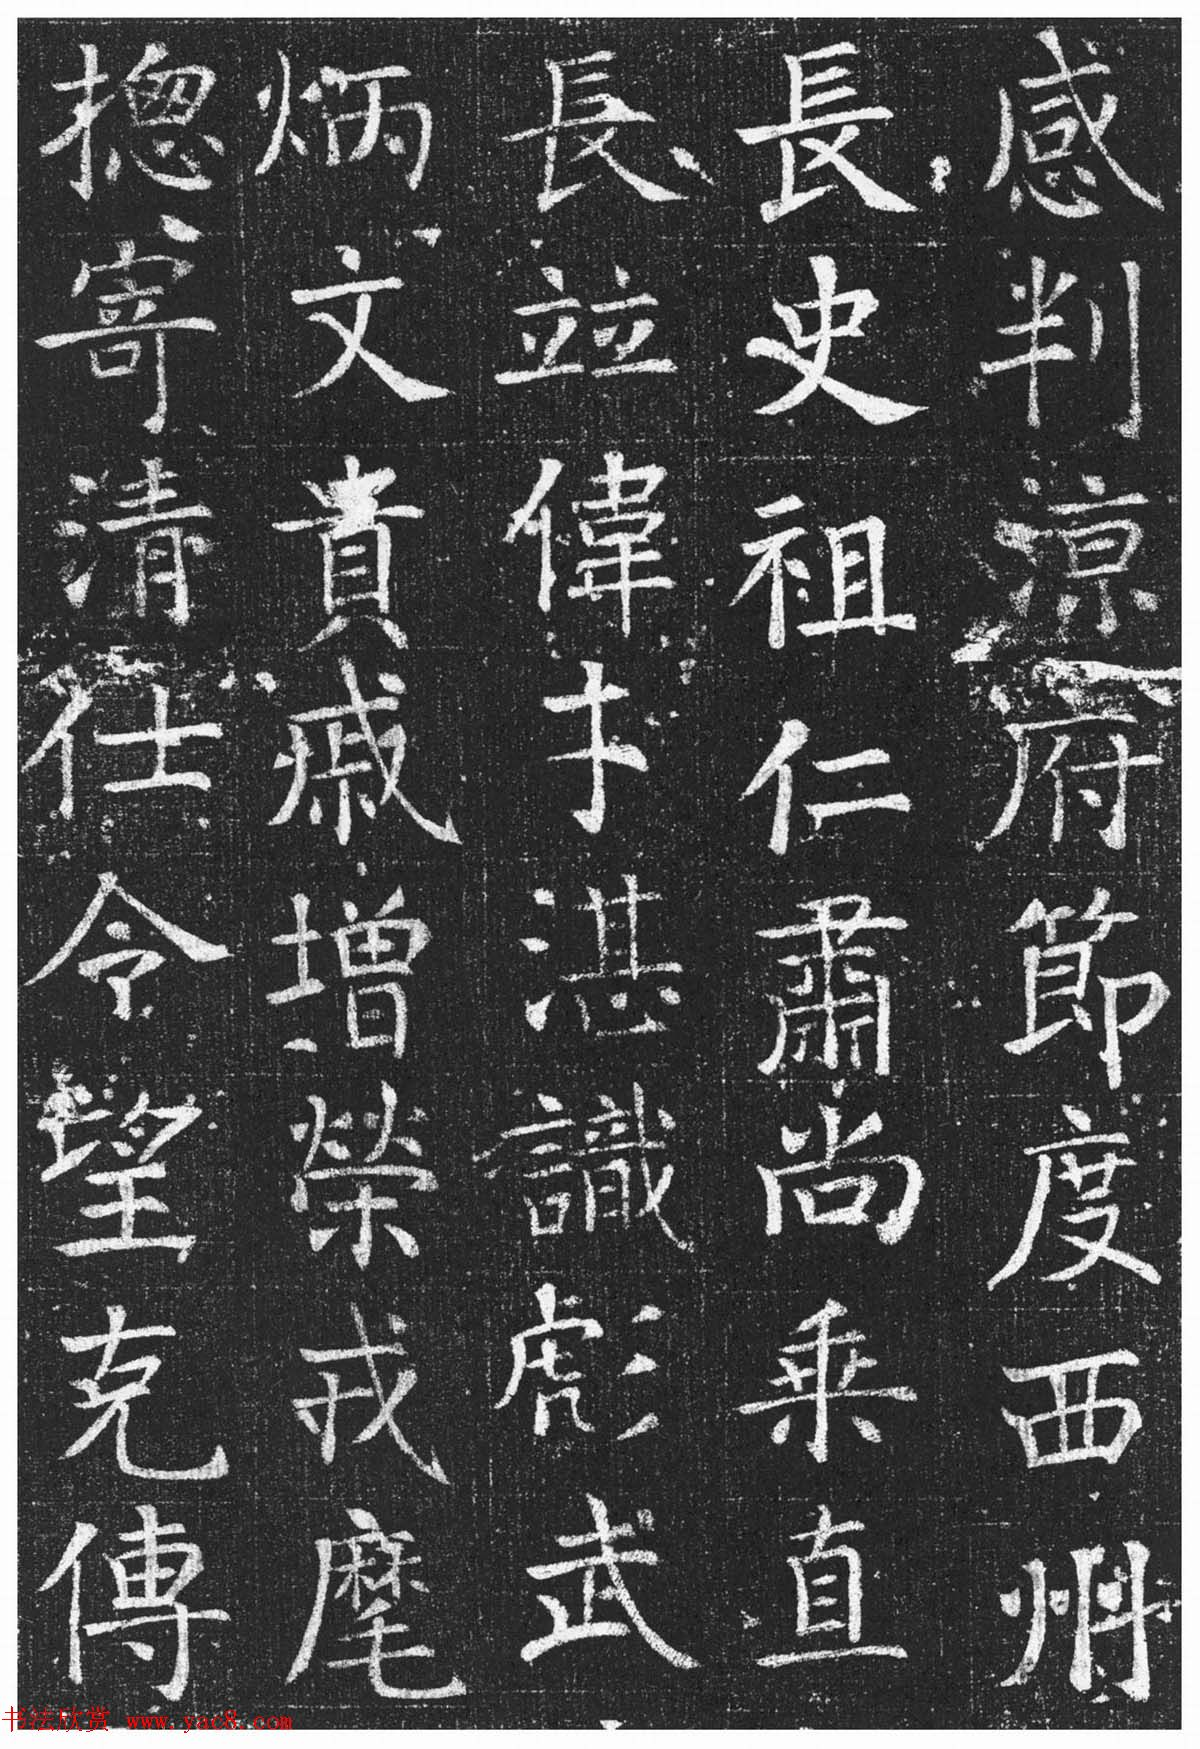 颜真卿楷书欣赏《唐王琳墓志》图片